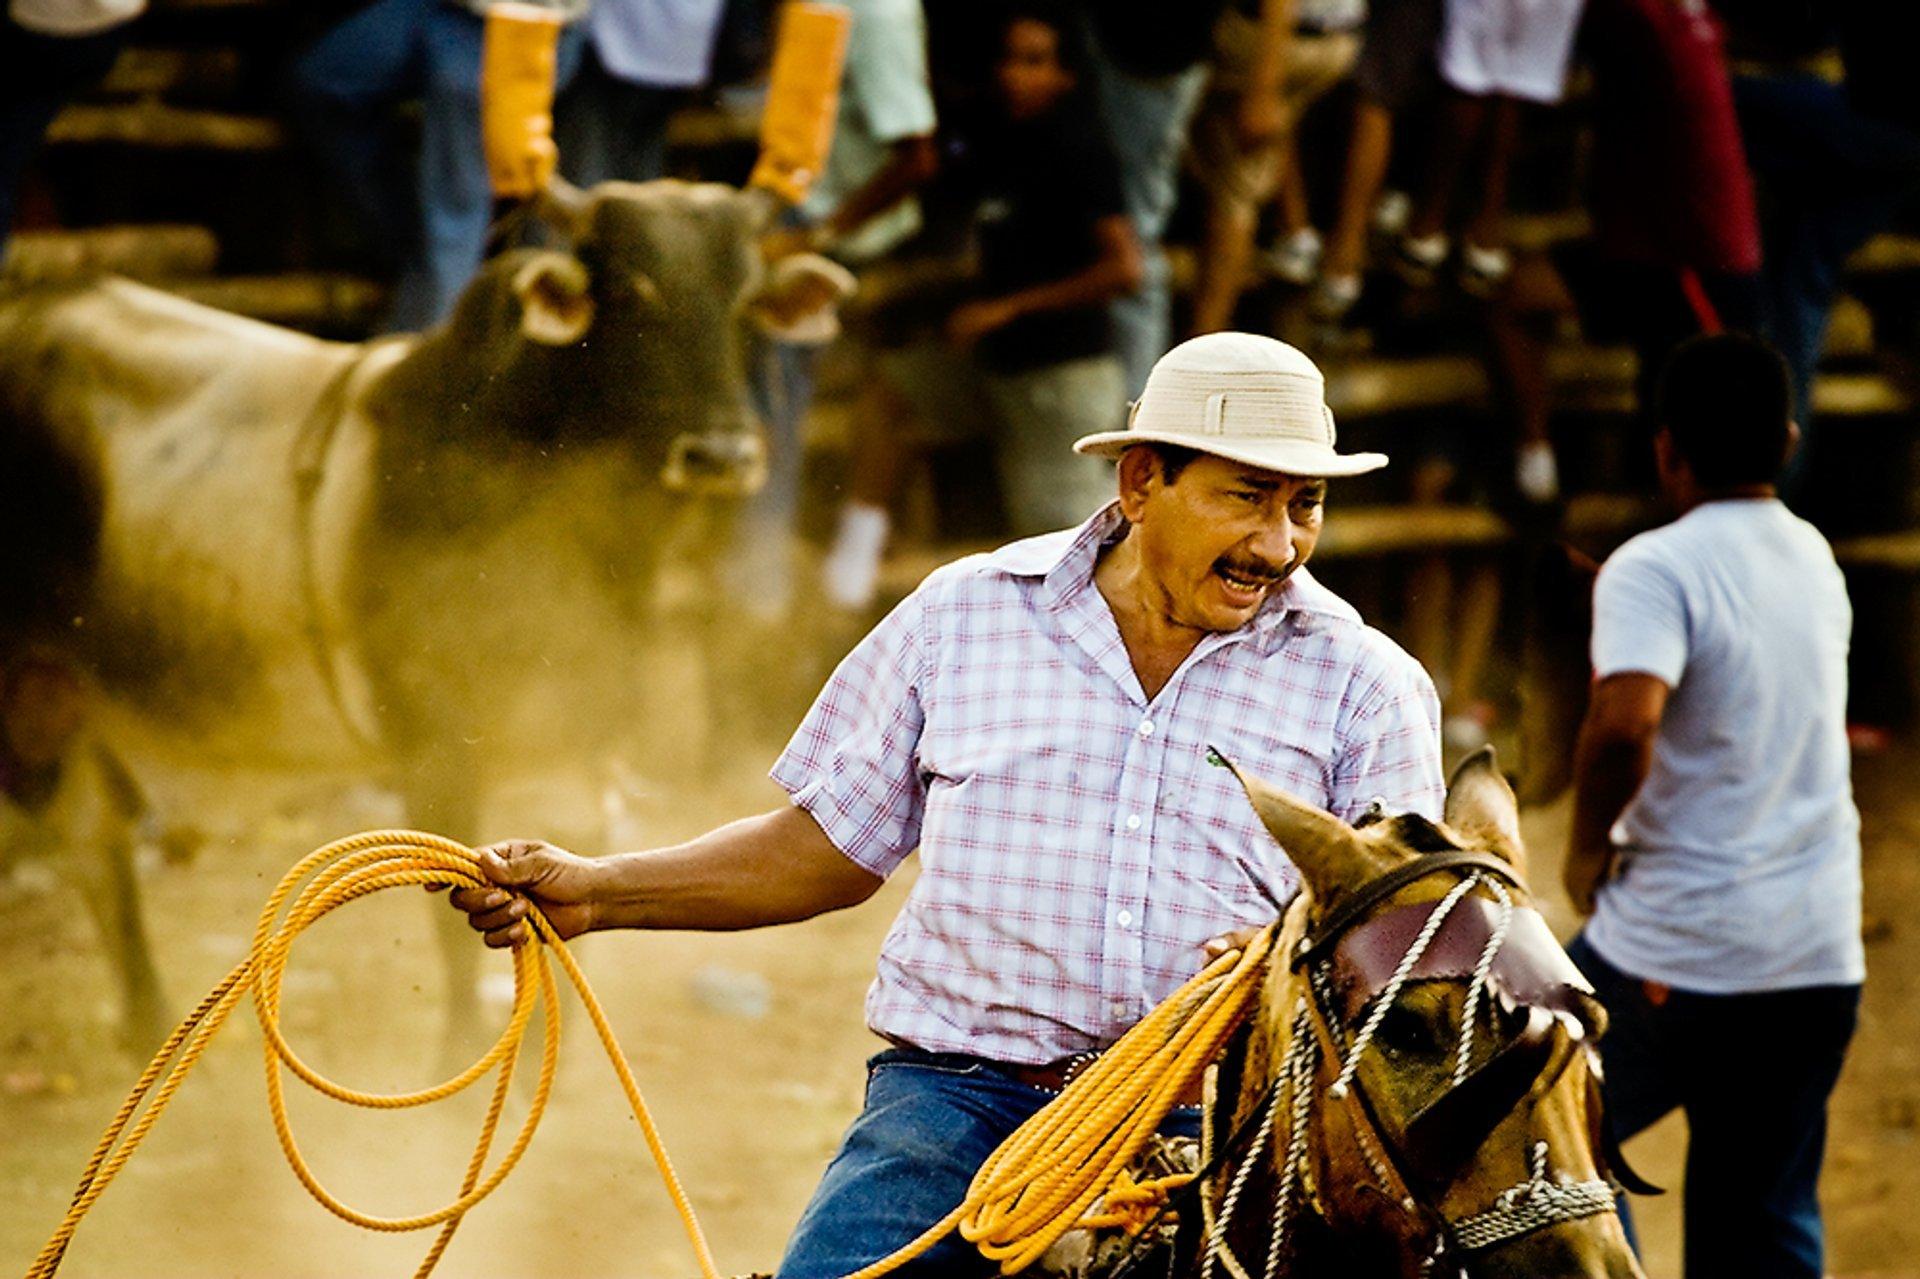 Best time to see Fiestas Típicas Nacionales Santa Cruz in Costa Rica 2020